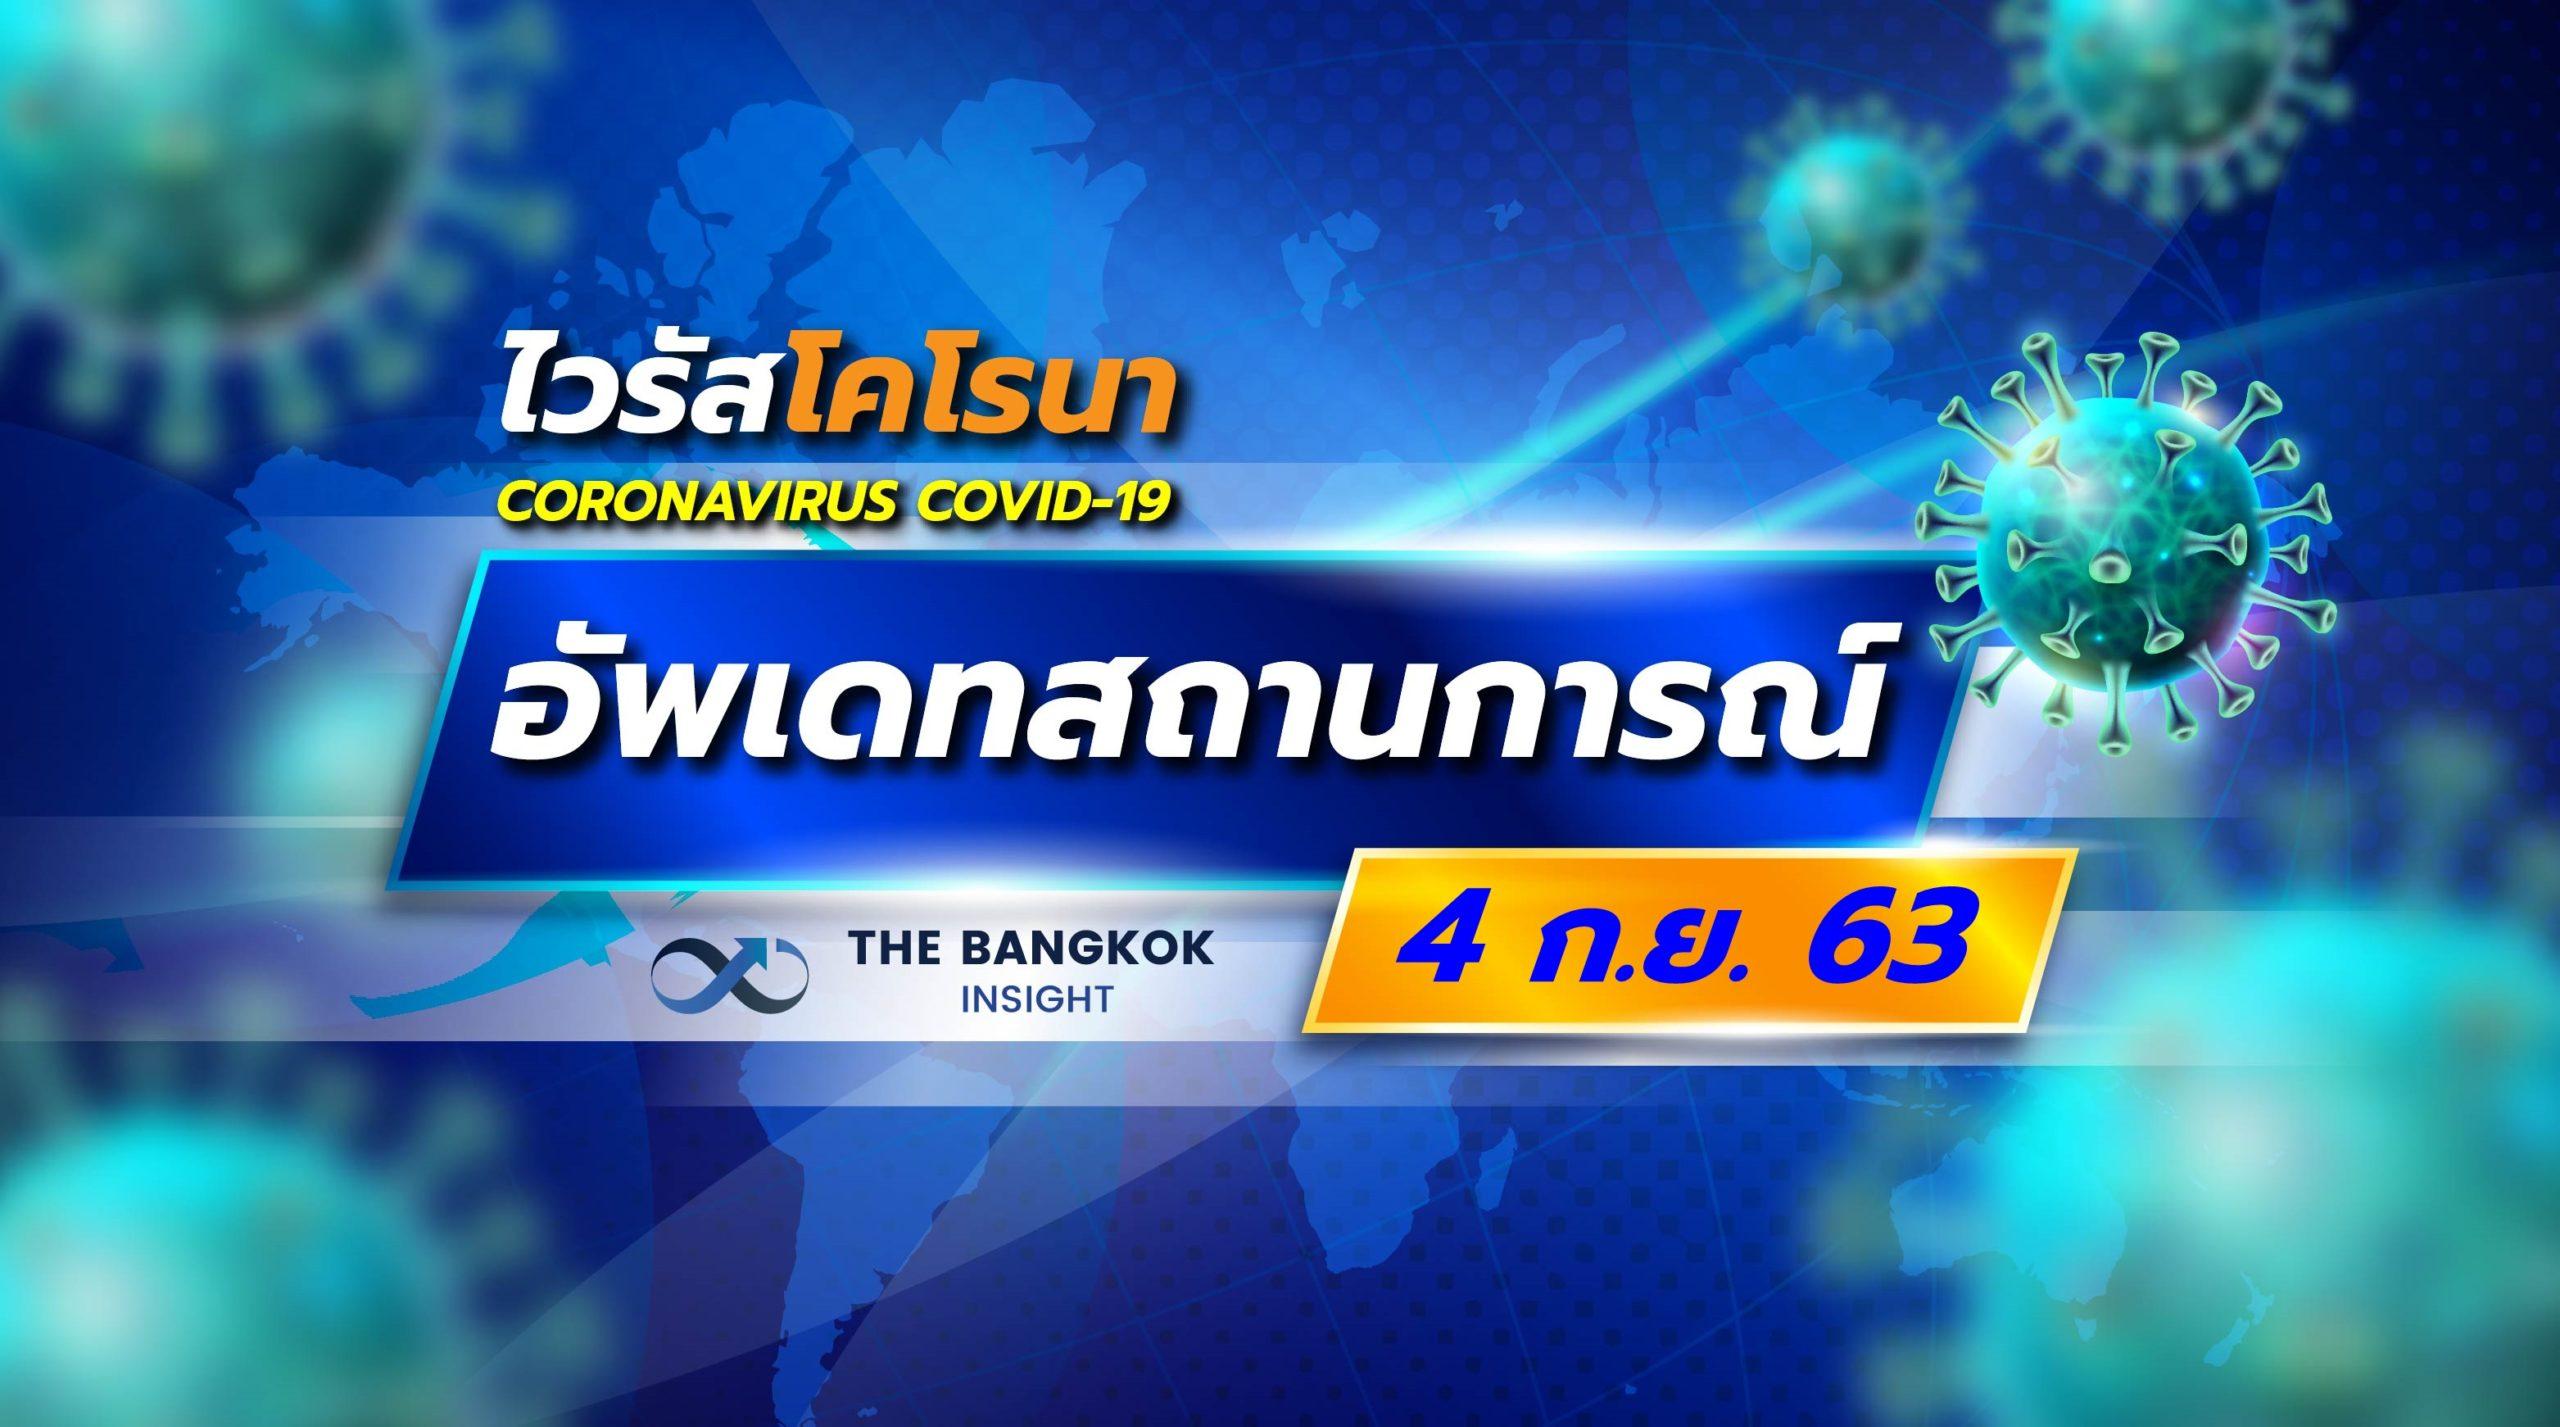 อัพเดทสถานการณ์ 'โควิด' วันที่ 4 กันยายน 2563 ทั่วโลก ทั่วไทย